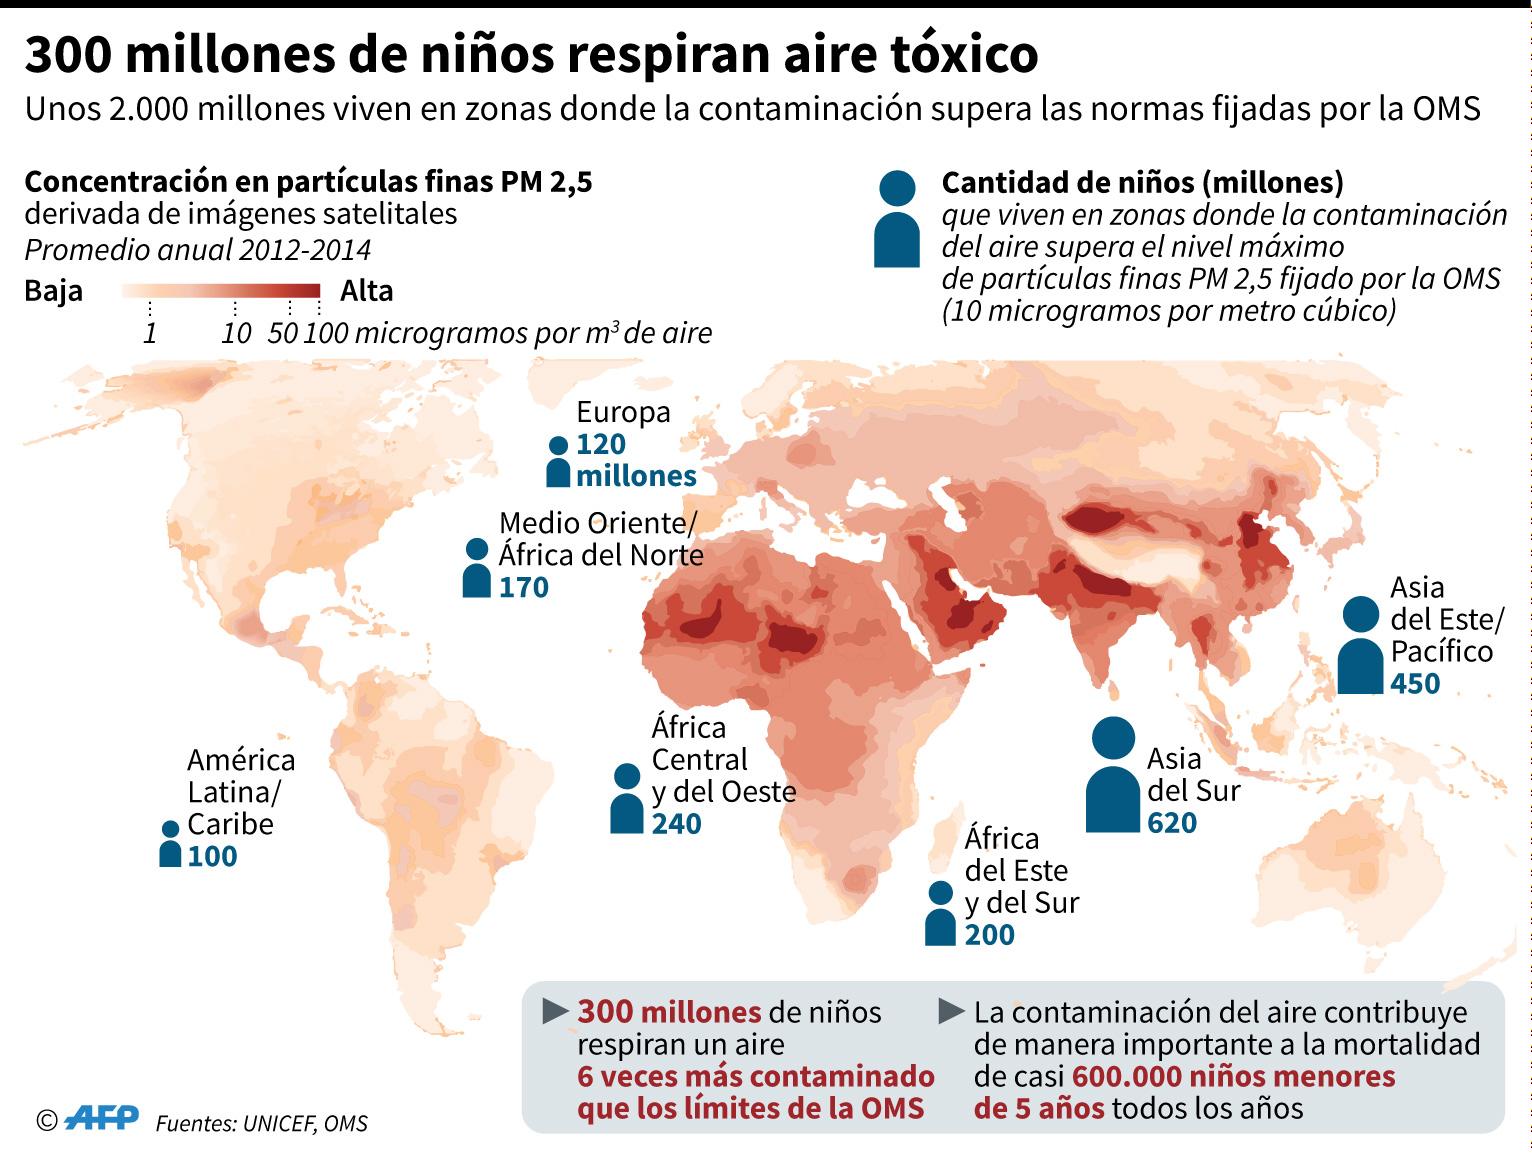 Unicef: Contaminación ambiental mata 600,000 niños cada año